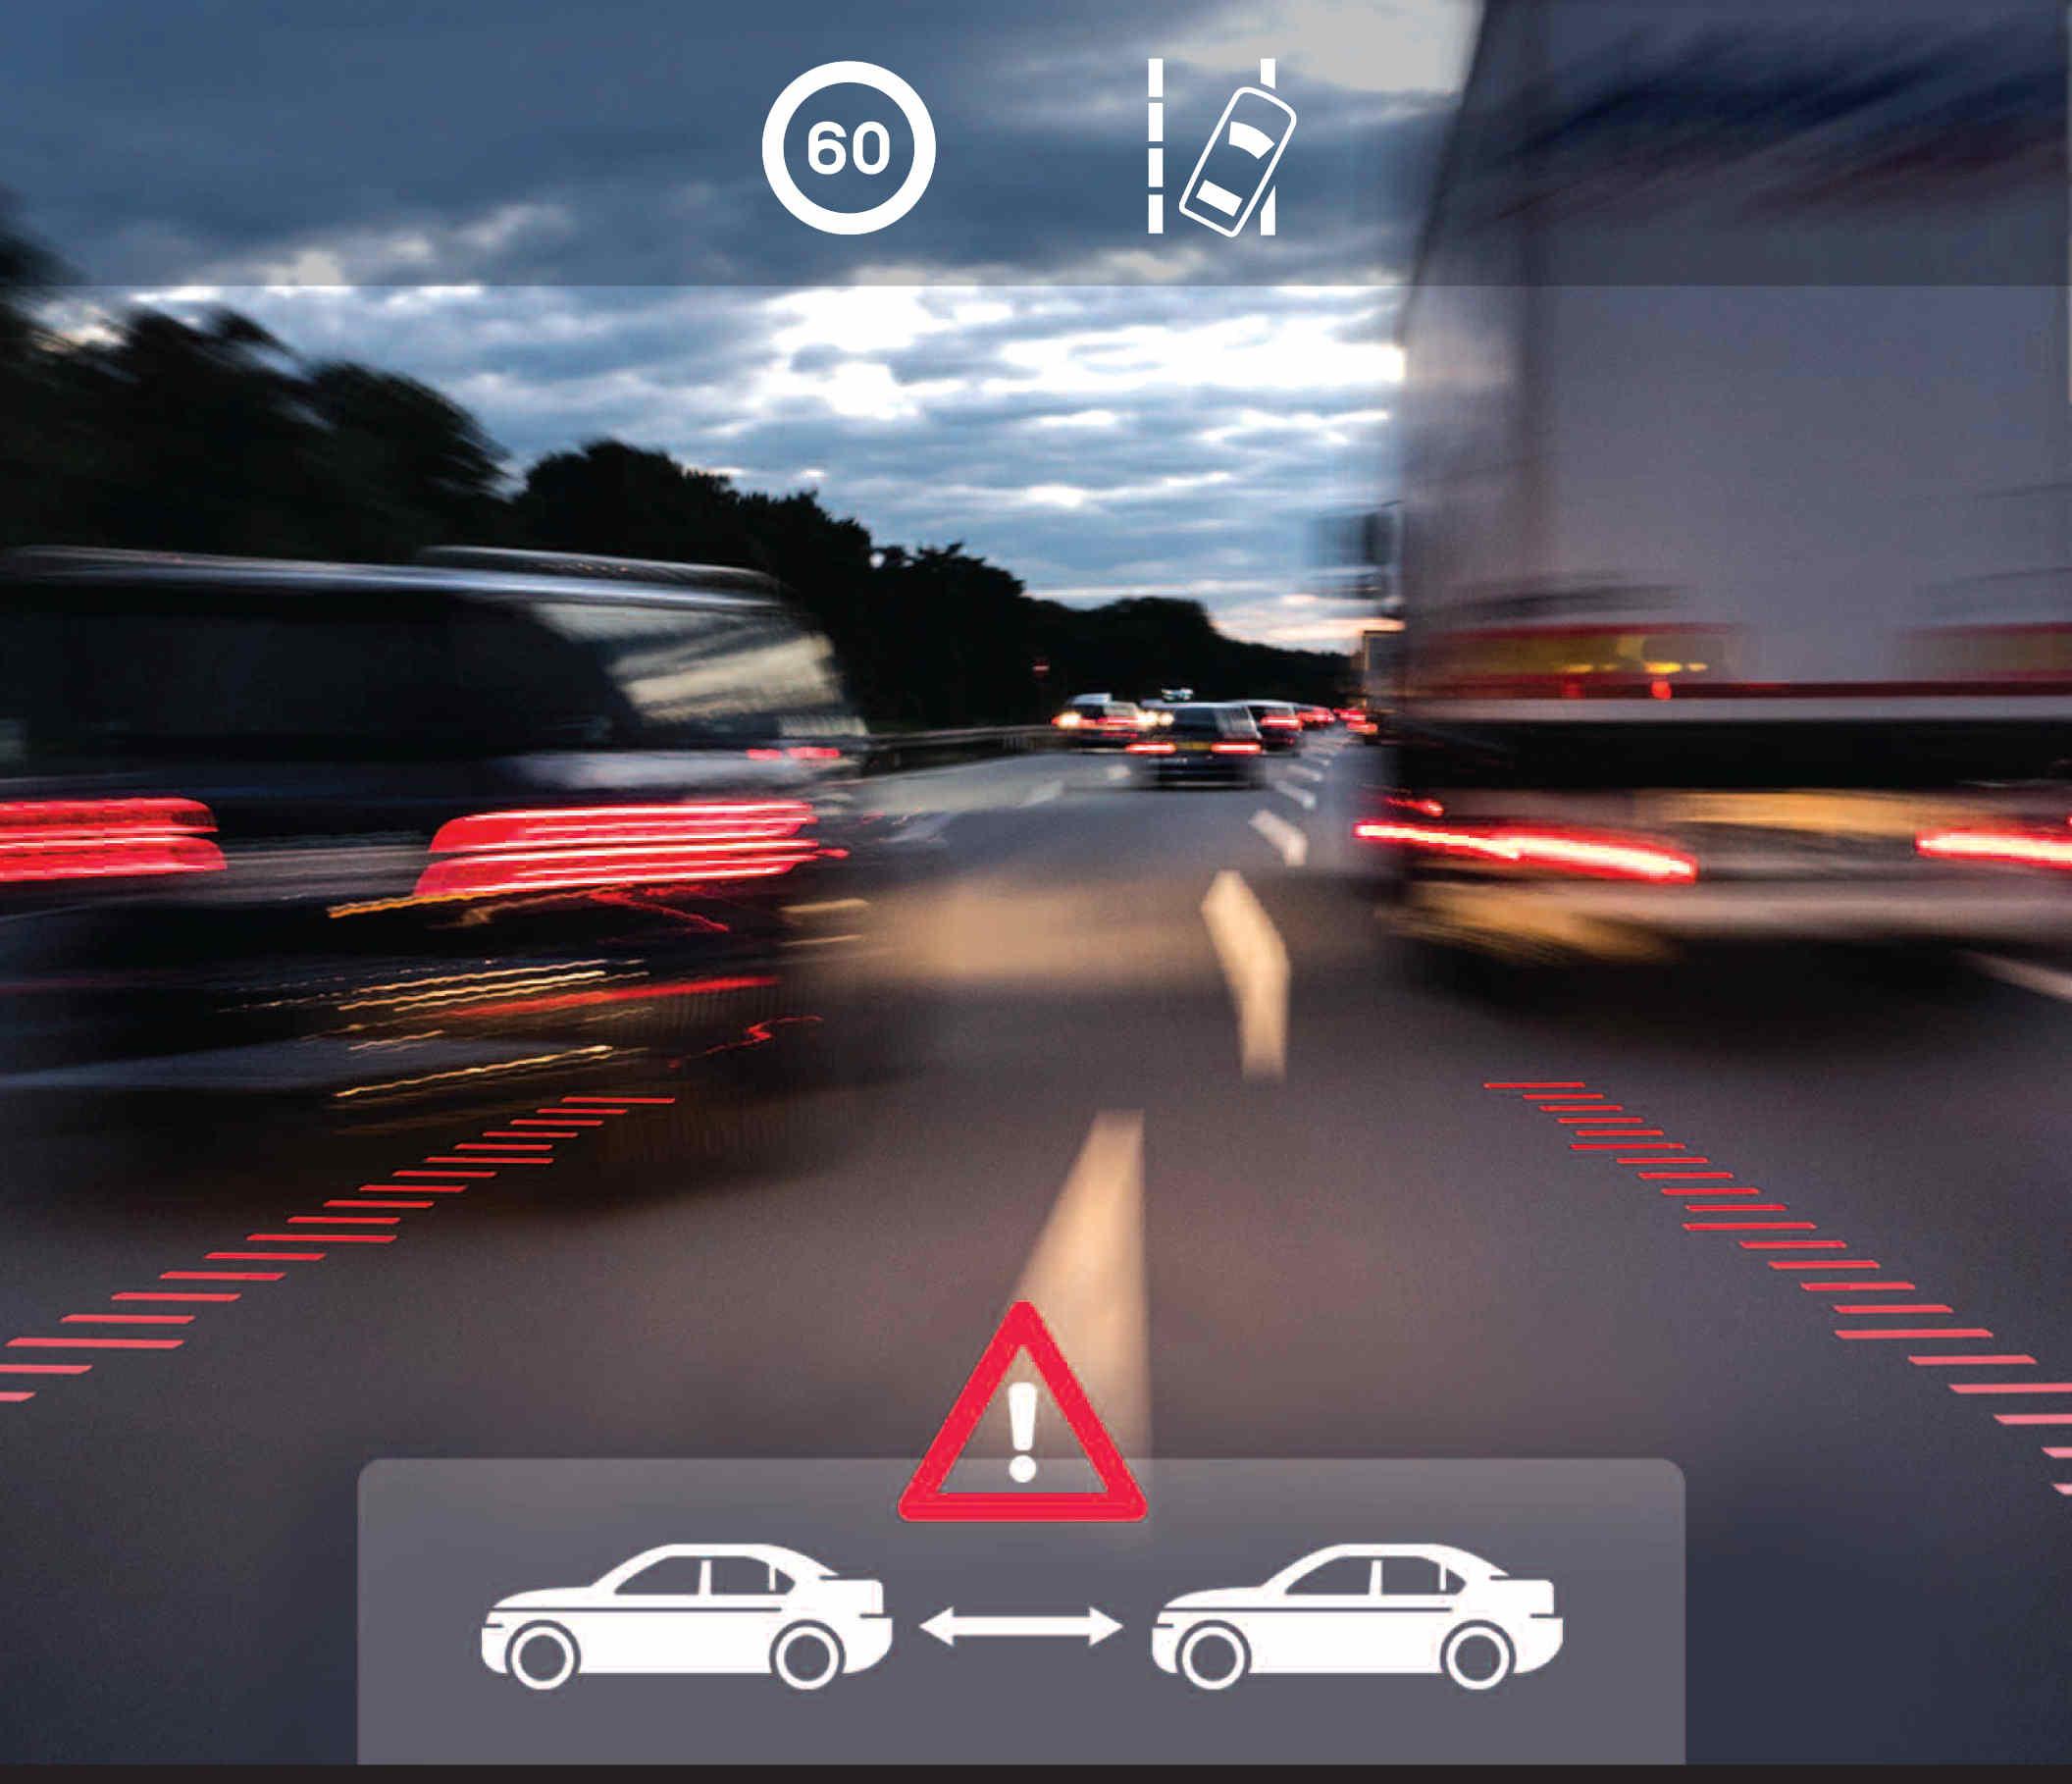 GPS Dash Cam footage